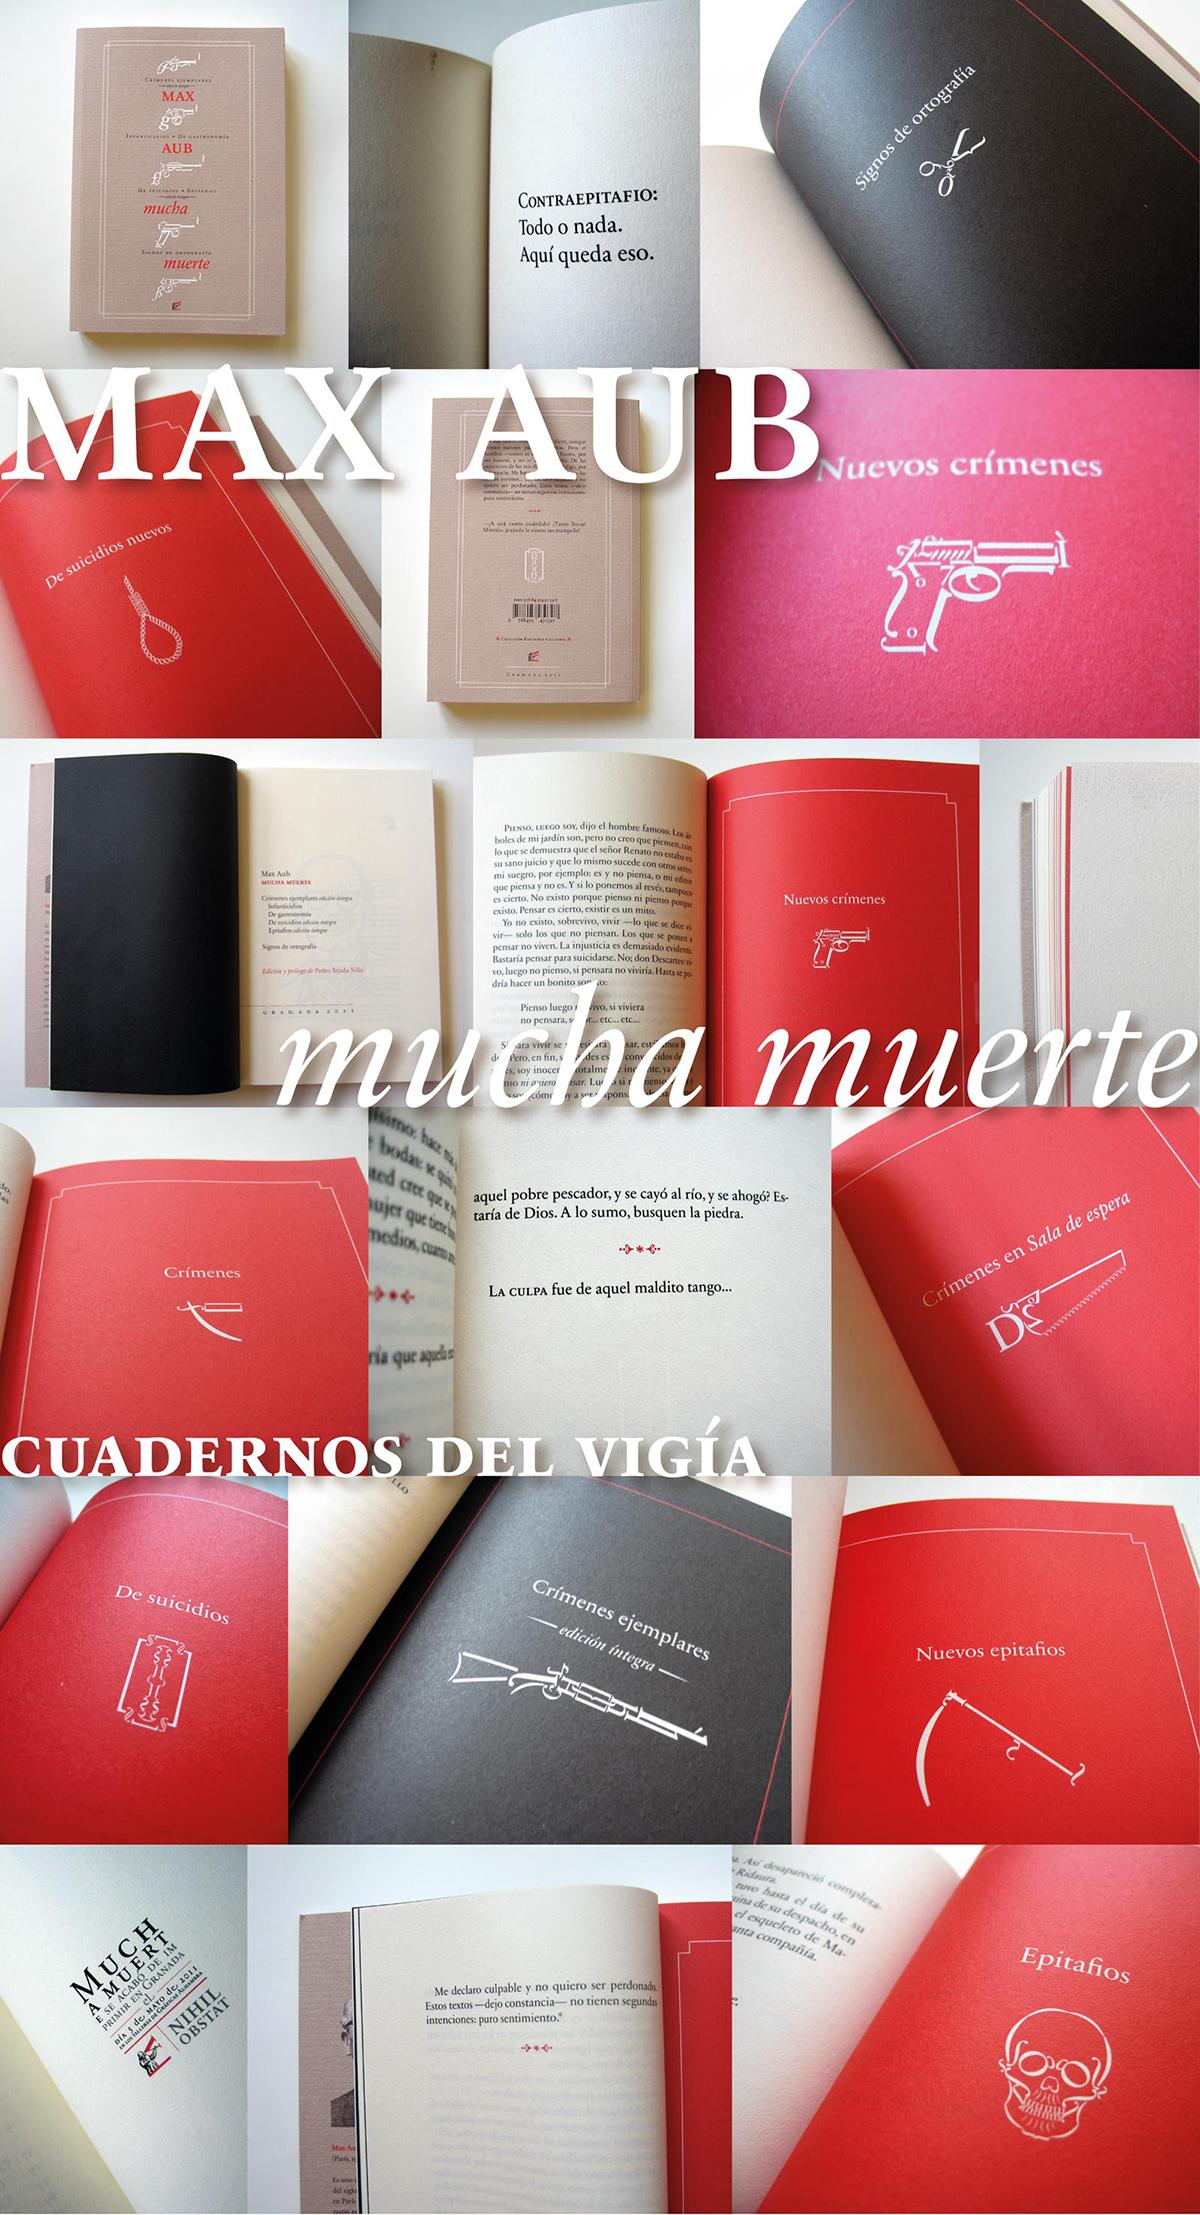 maxaub_poster_muchamuerte